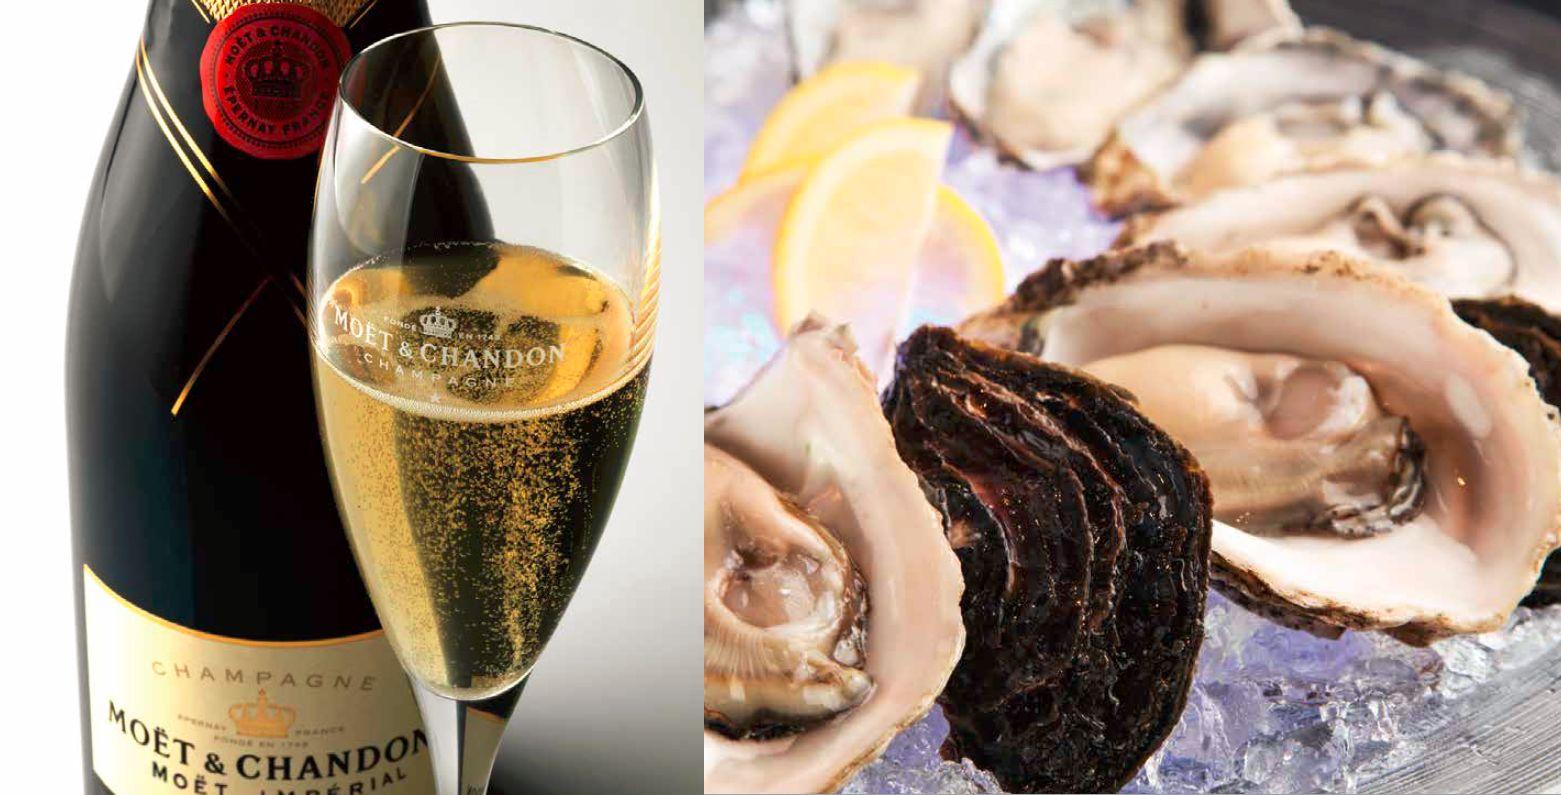 真夏の夜の大人贅沢なデートにぴったりの「牡蠣シャン」がお得に楽しめる「モエ&オイスター」フェア オイスタープラッターご注文でグラスモエプレゼント